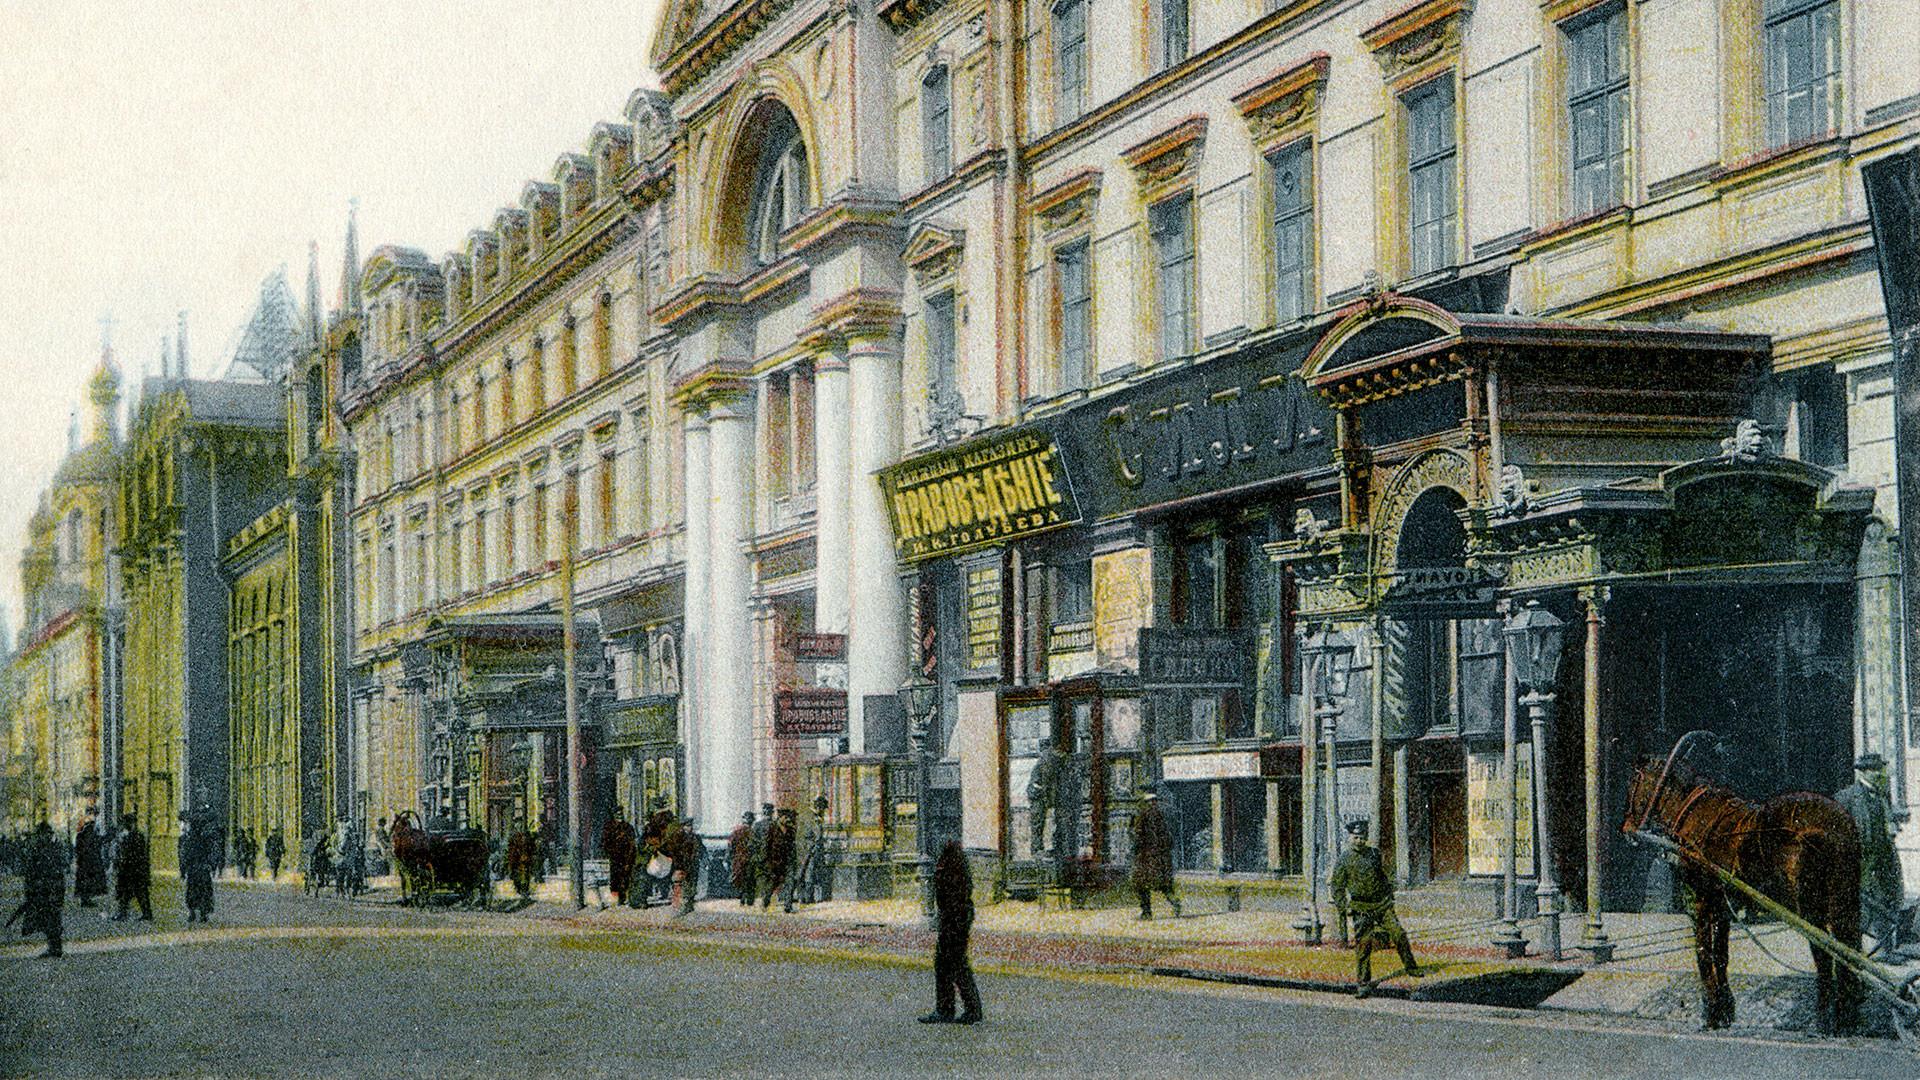 ニコーリスカヤ通り、ホテル「スラビャンスキー・バザール」